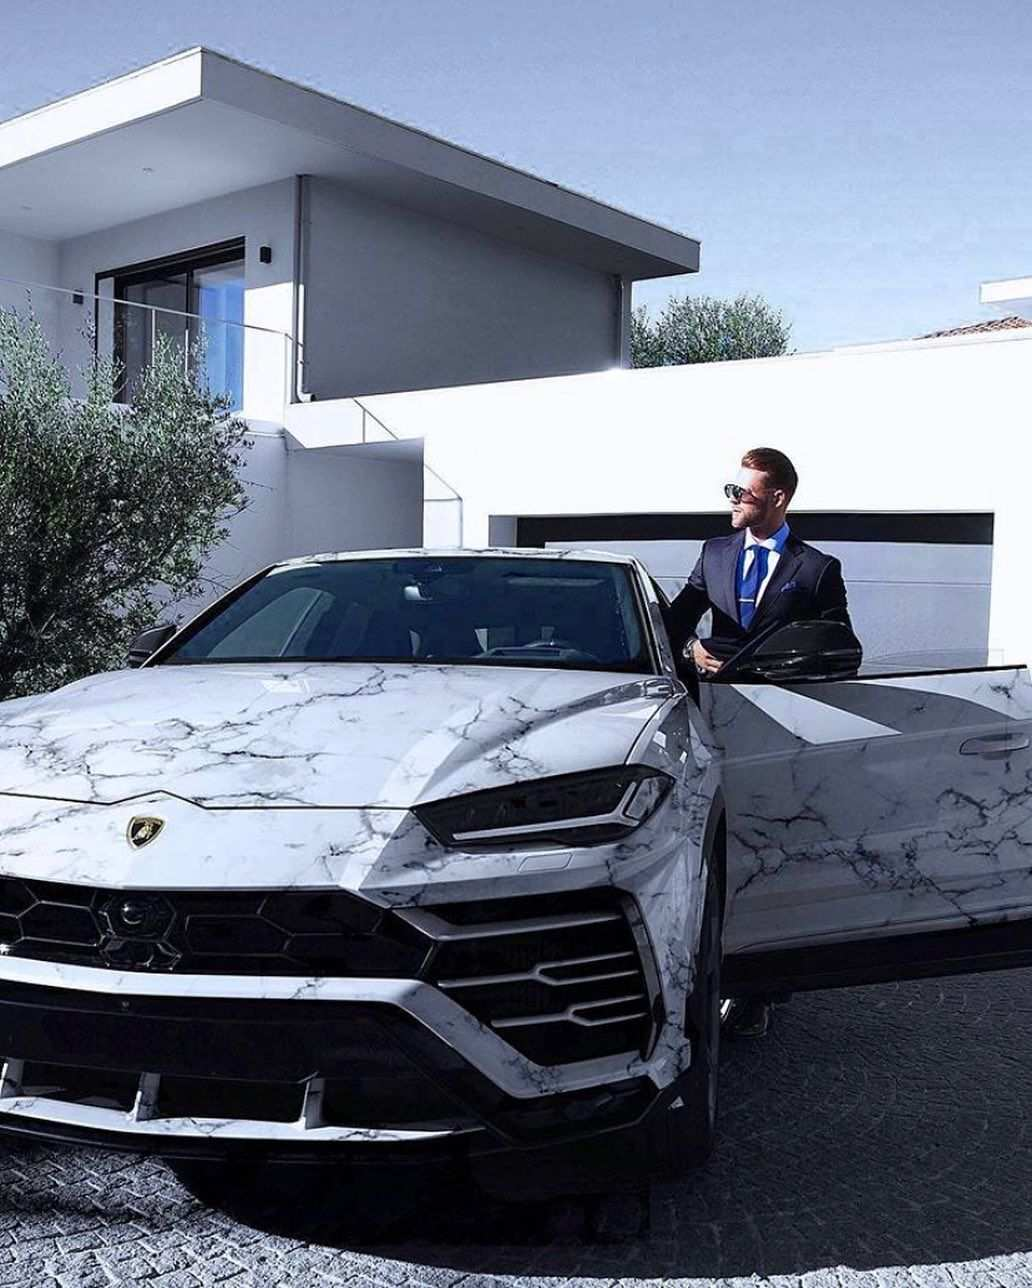 Luxury Life Luxury Cars Luxury Cars Auto Luxusauto Luxurycars Best Luxury Cars Luxury Cars Bugatti Cars